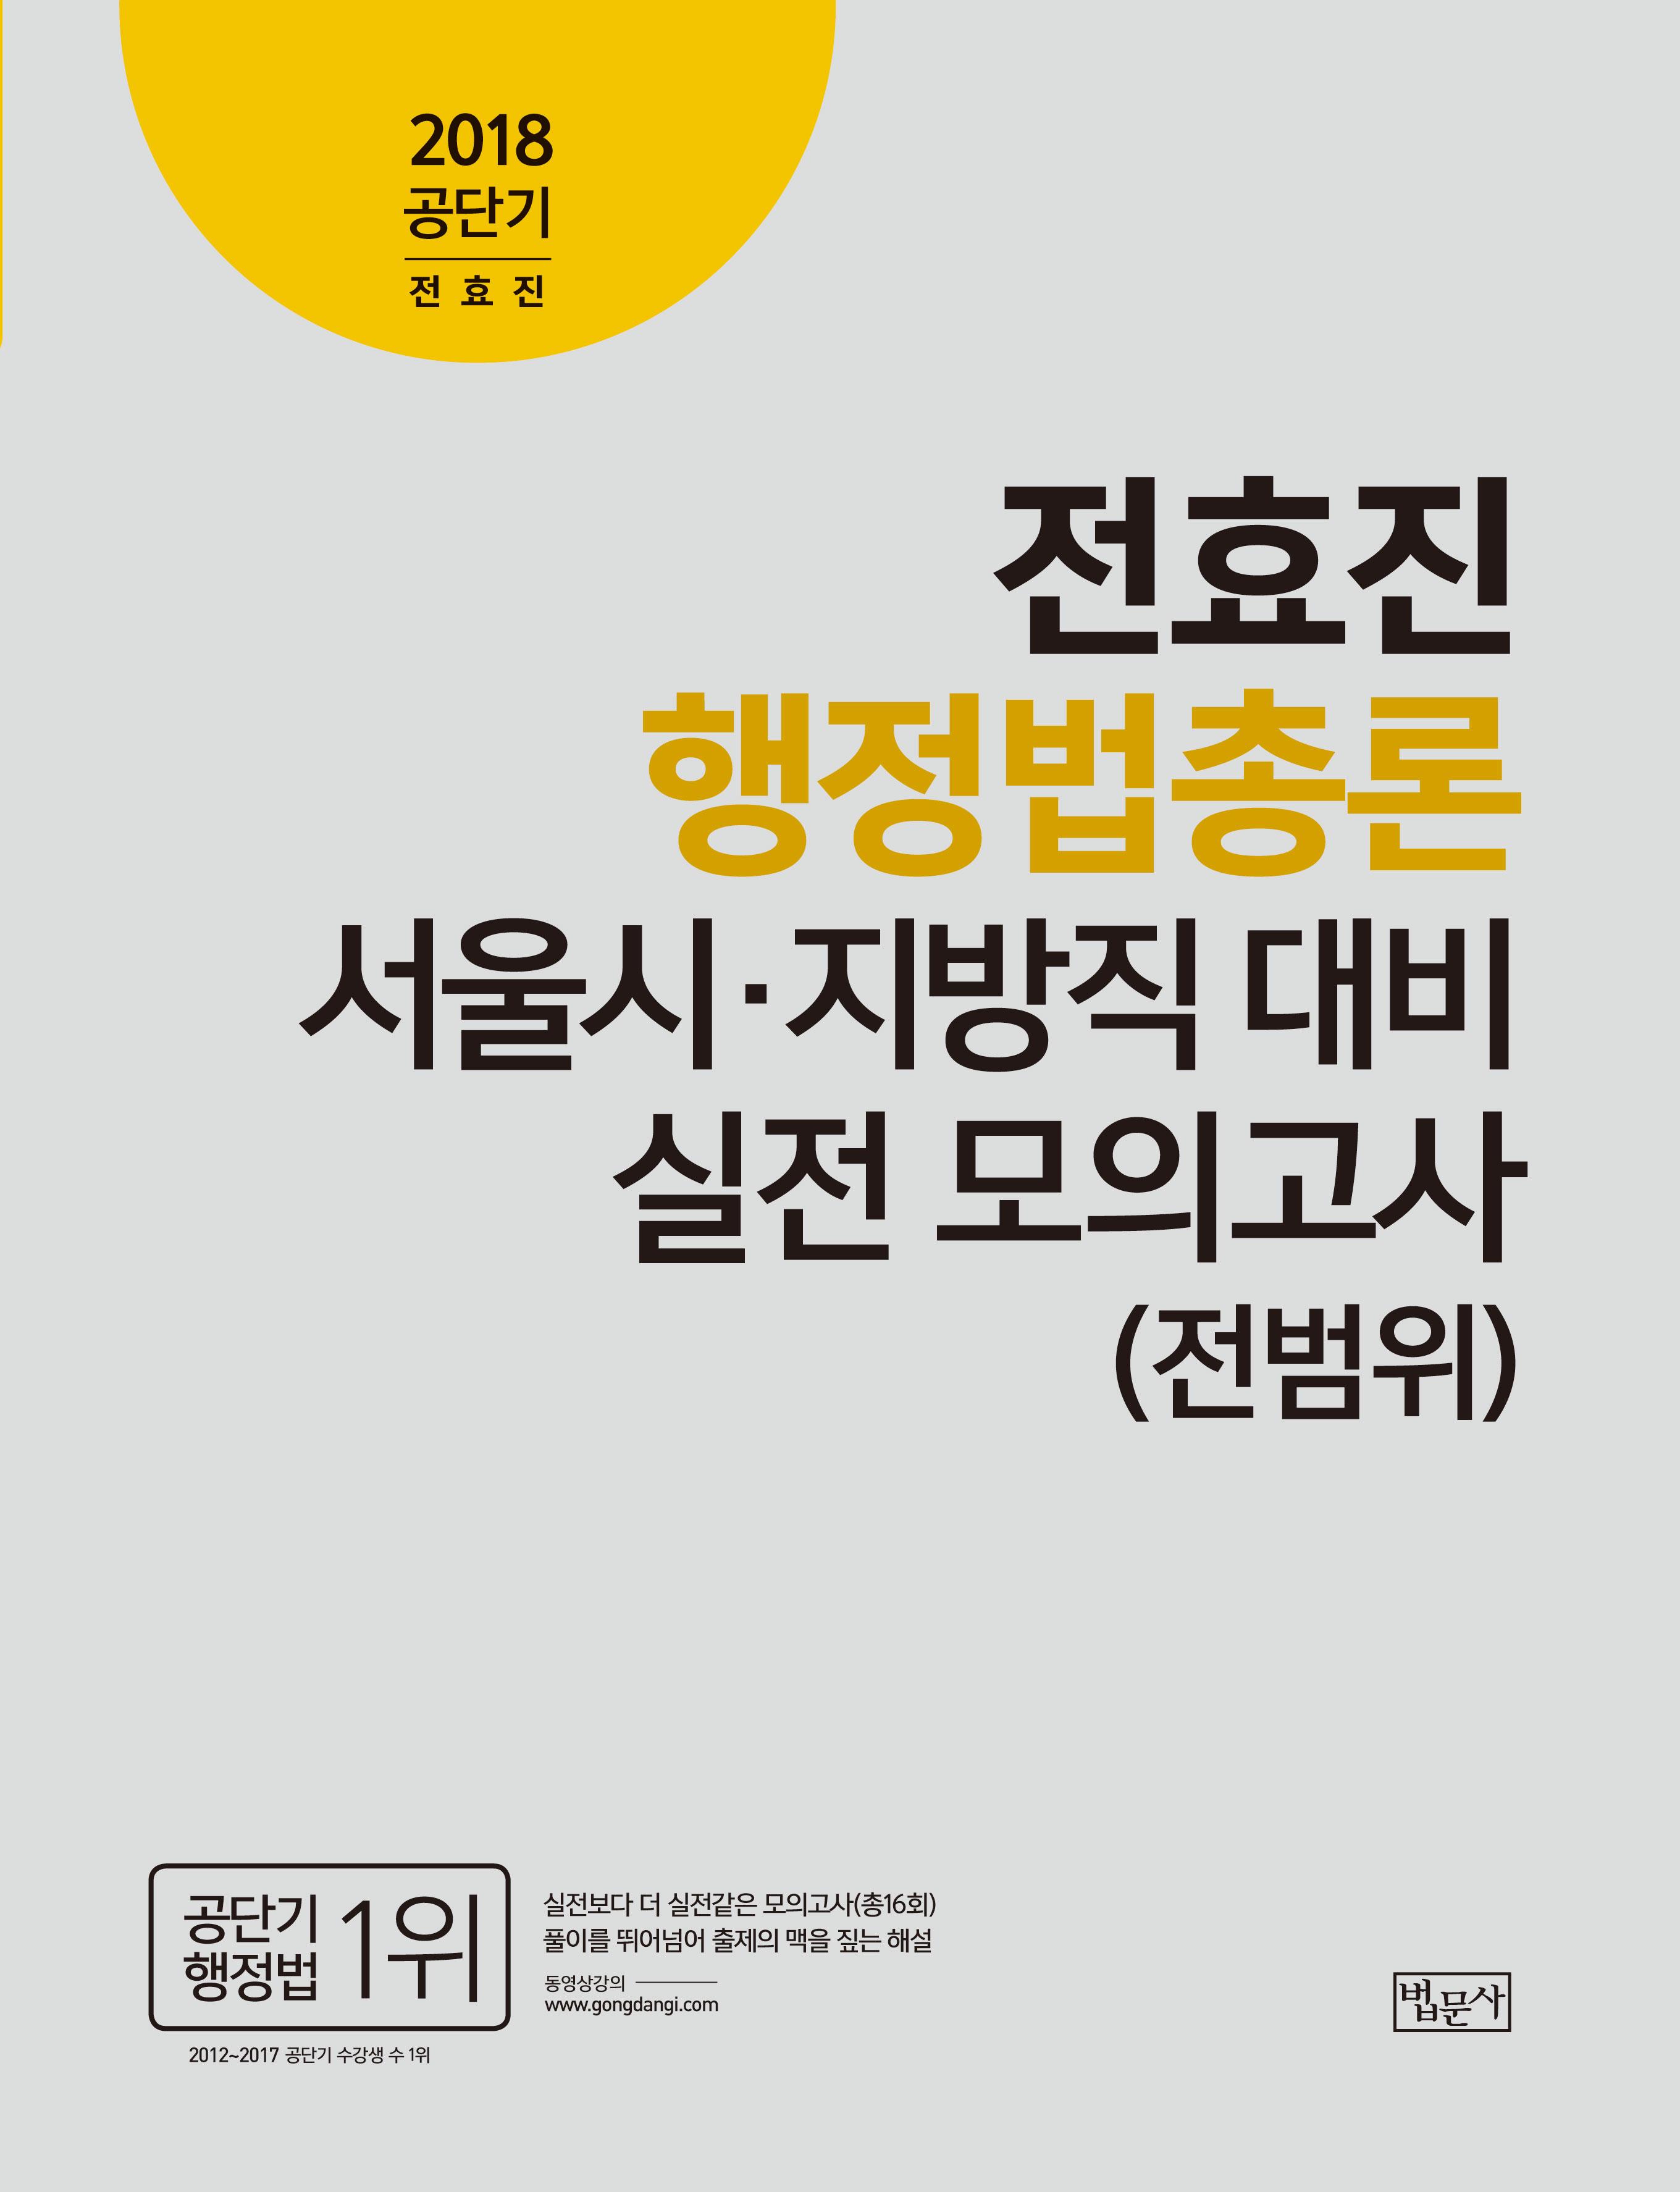 2018 전효진 행정법총론 서울시․지방직 대비 실전 모의고사(전범위)